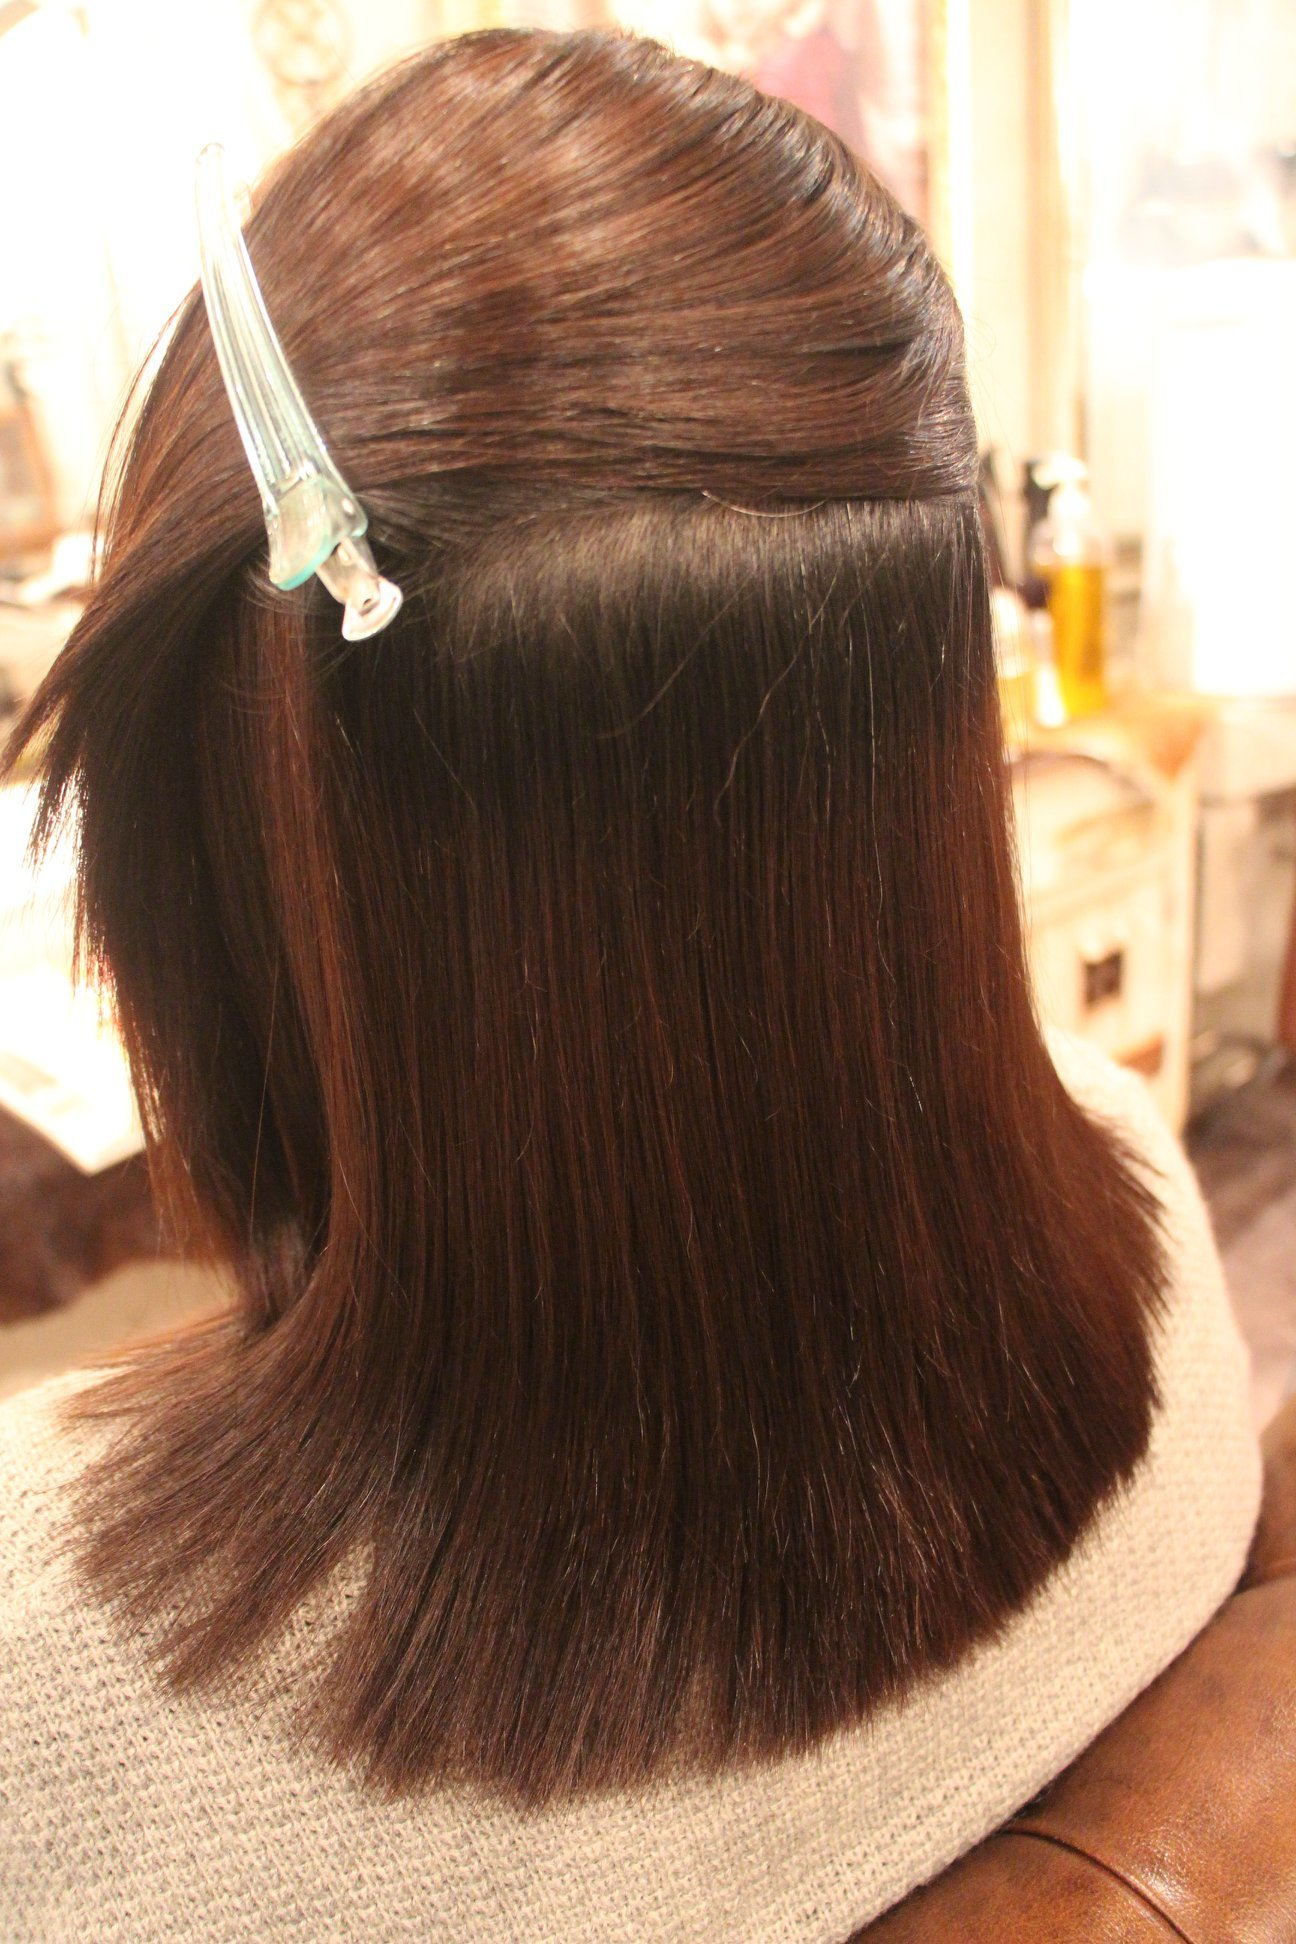 縮毛矯正のリスクを考える。_b0210688_23163939.jpg